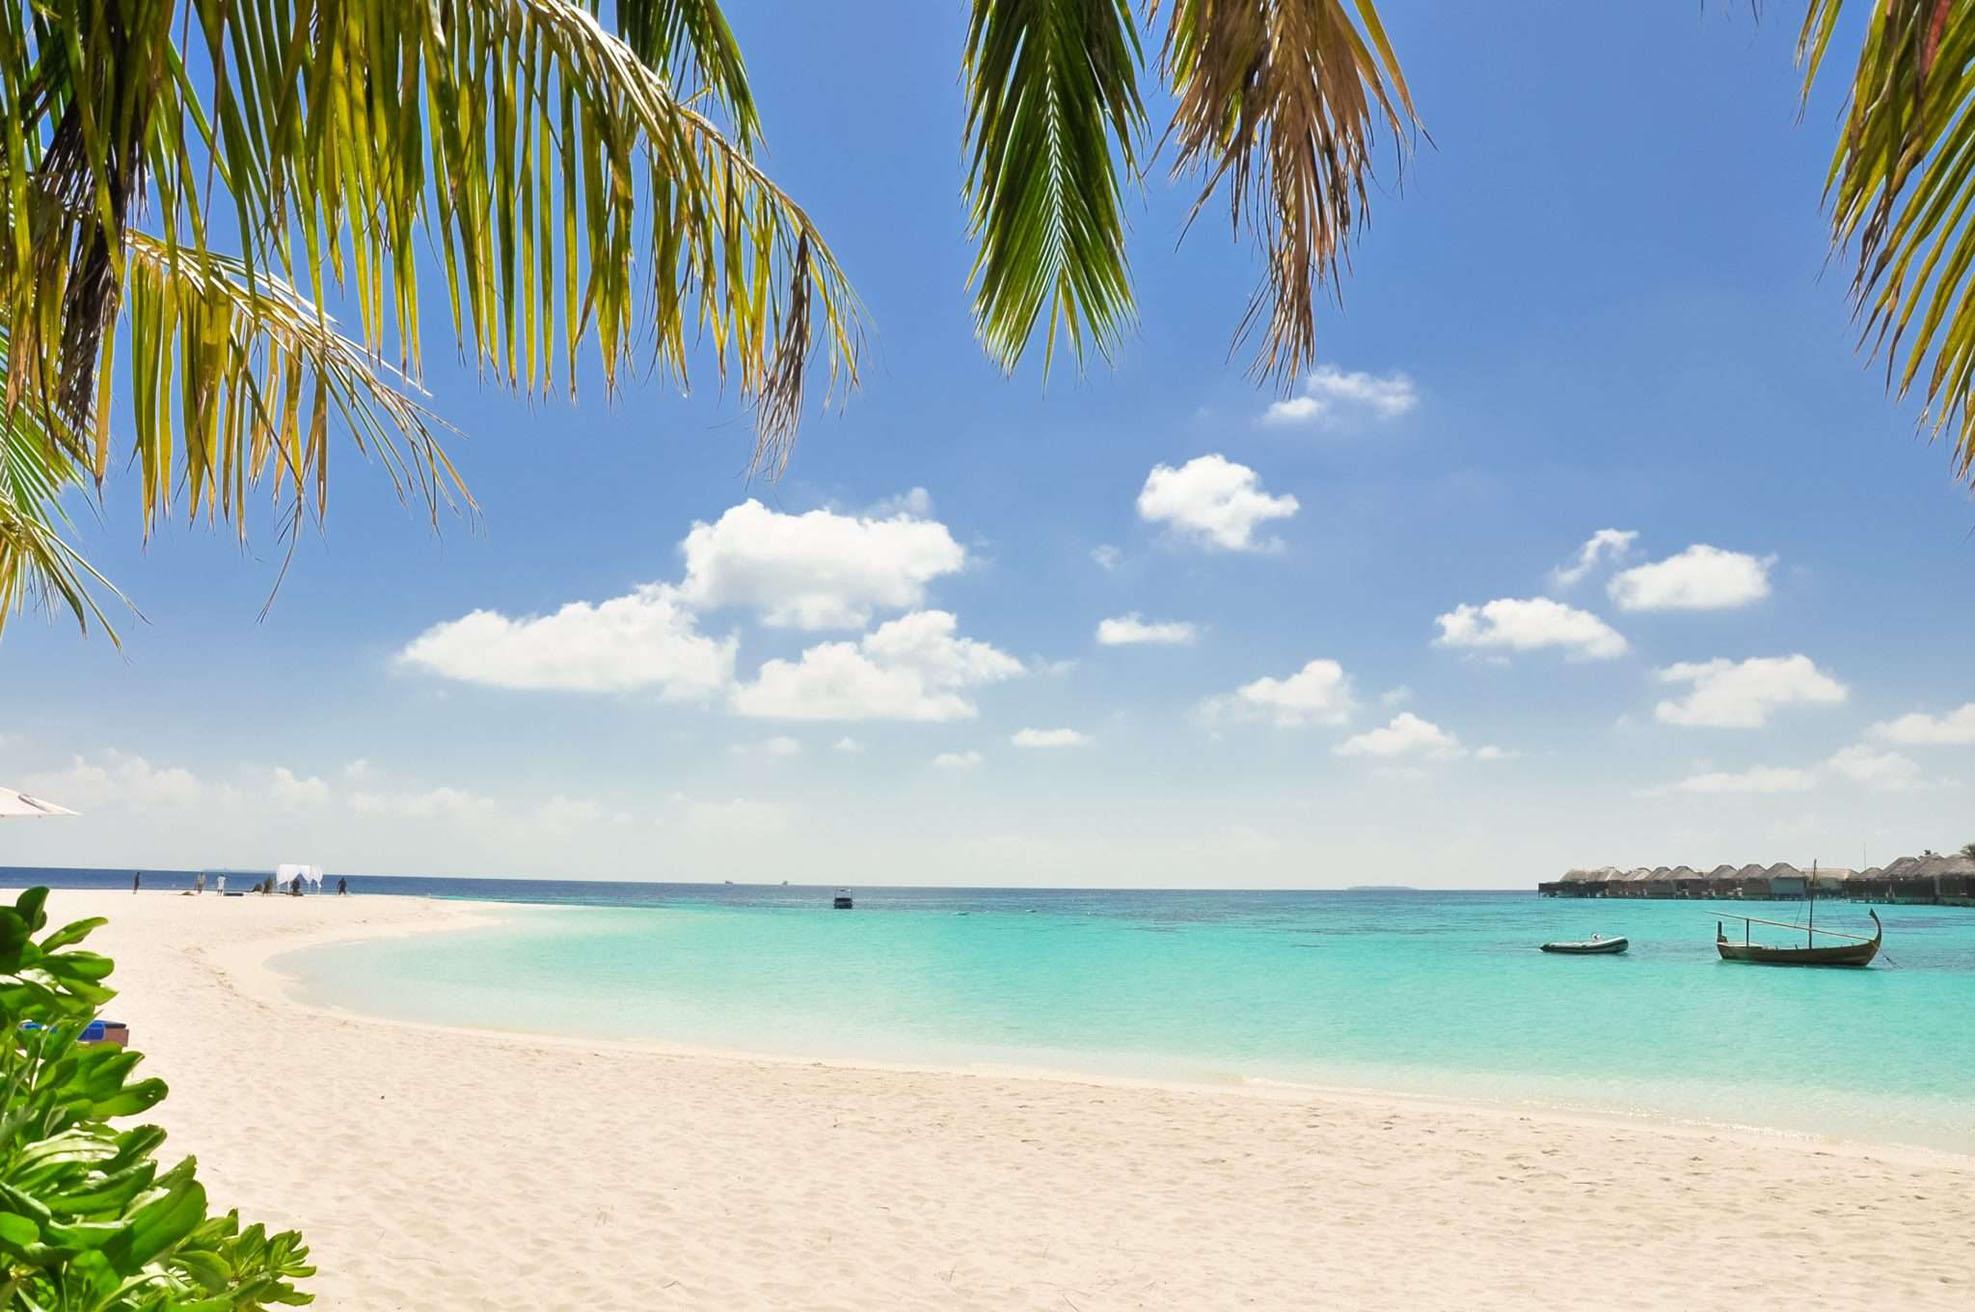 vacker kritvit sandstrand med klarblått vatten. På stranden finns det palmer.